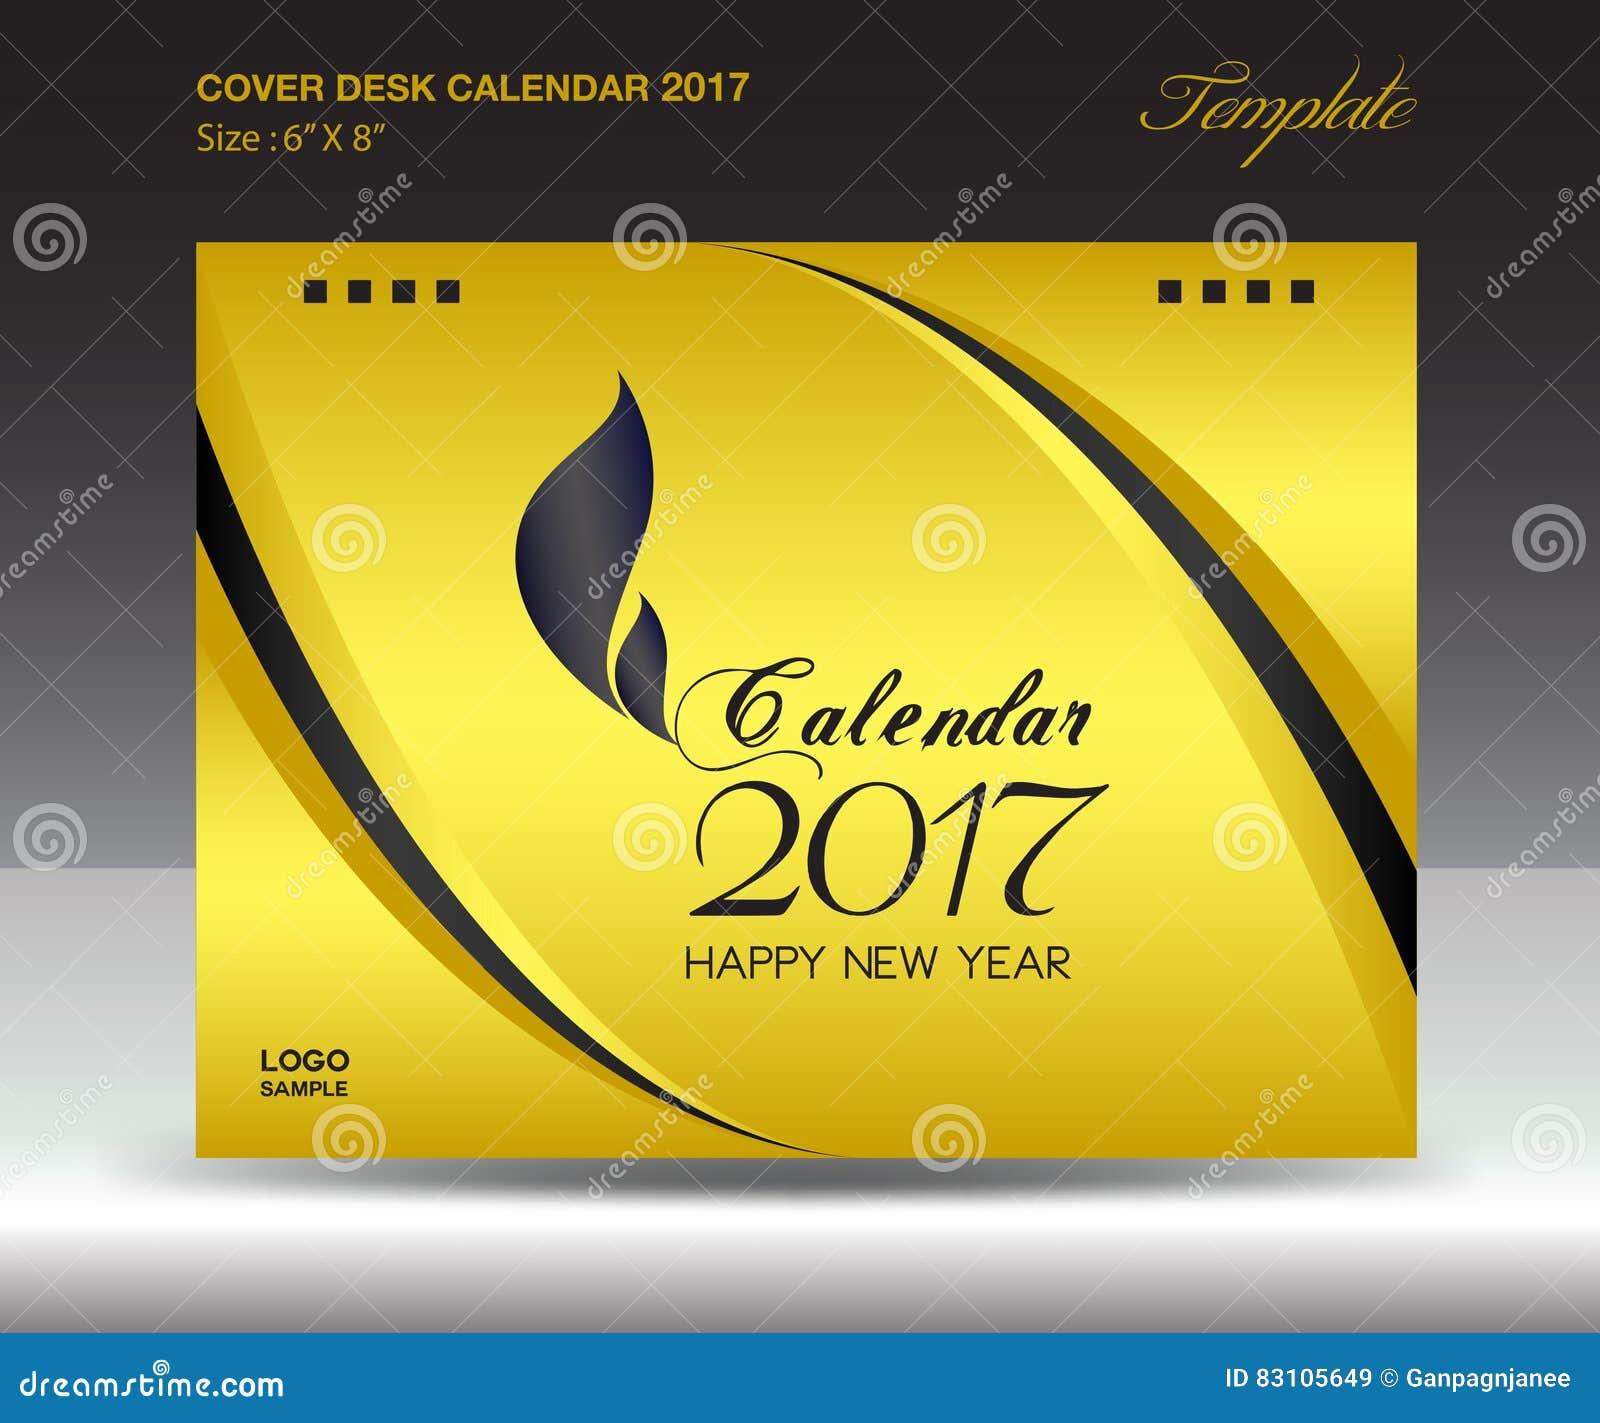 Calendário de mesa 2017 polegada horizontal, tampa do tamanho 6x8 do ano do ouro